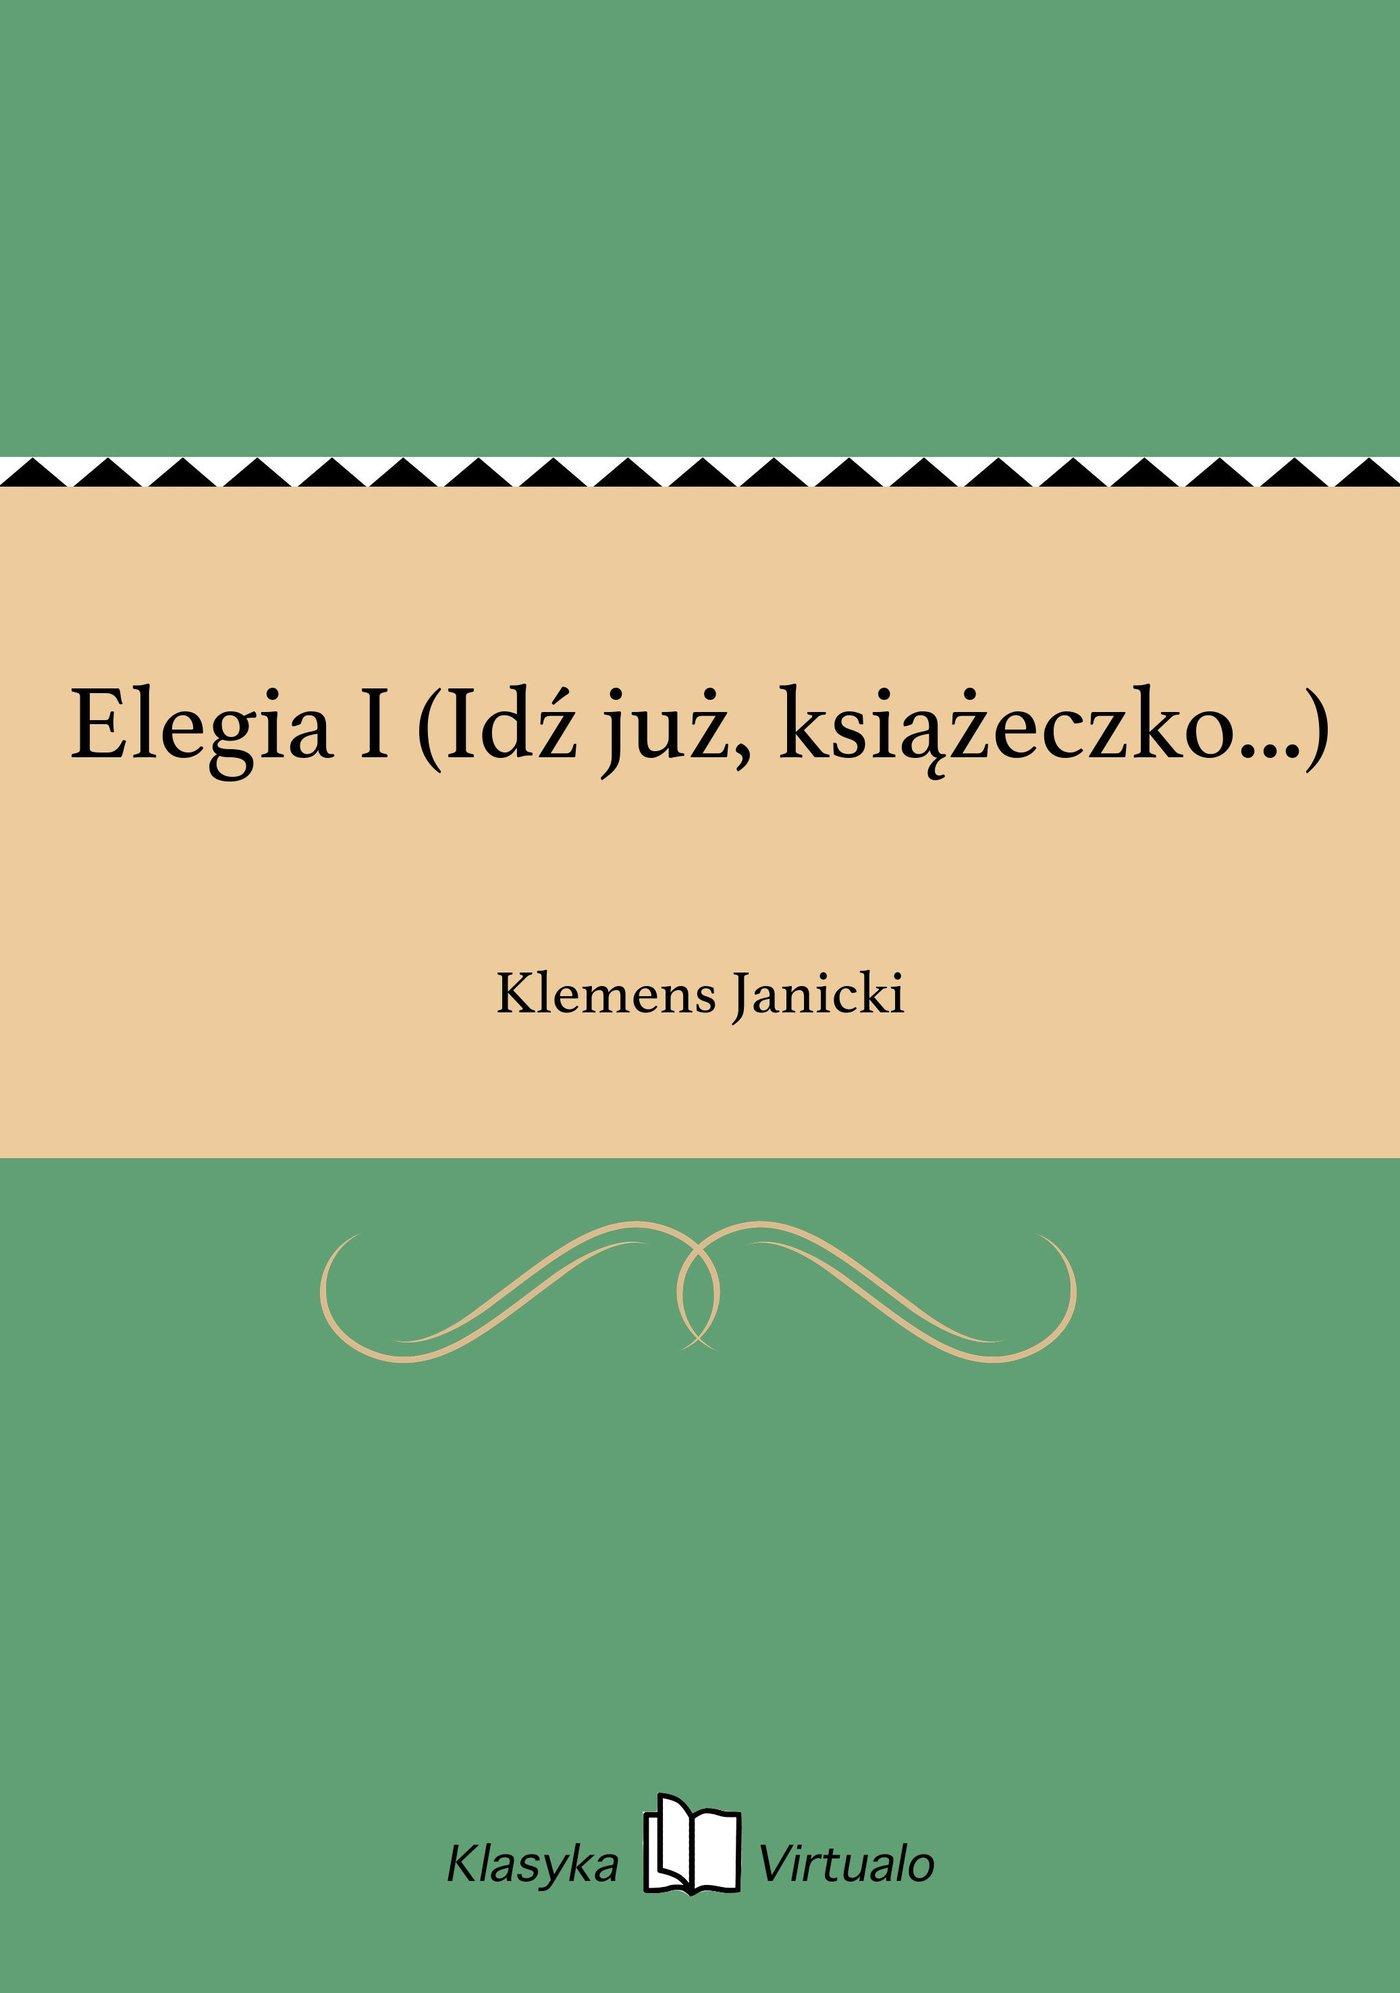 Elegia I (Idź już, książeczko...) - Ebook (Książka EPUB) do pobrania w formacie EPUB